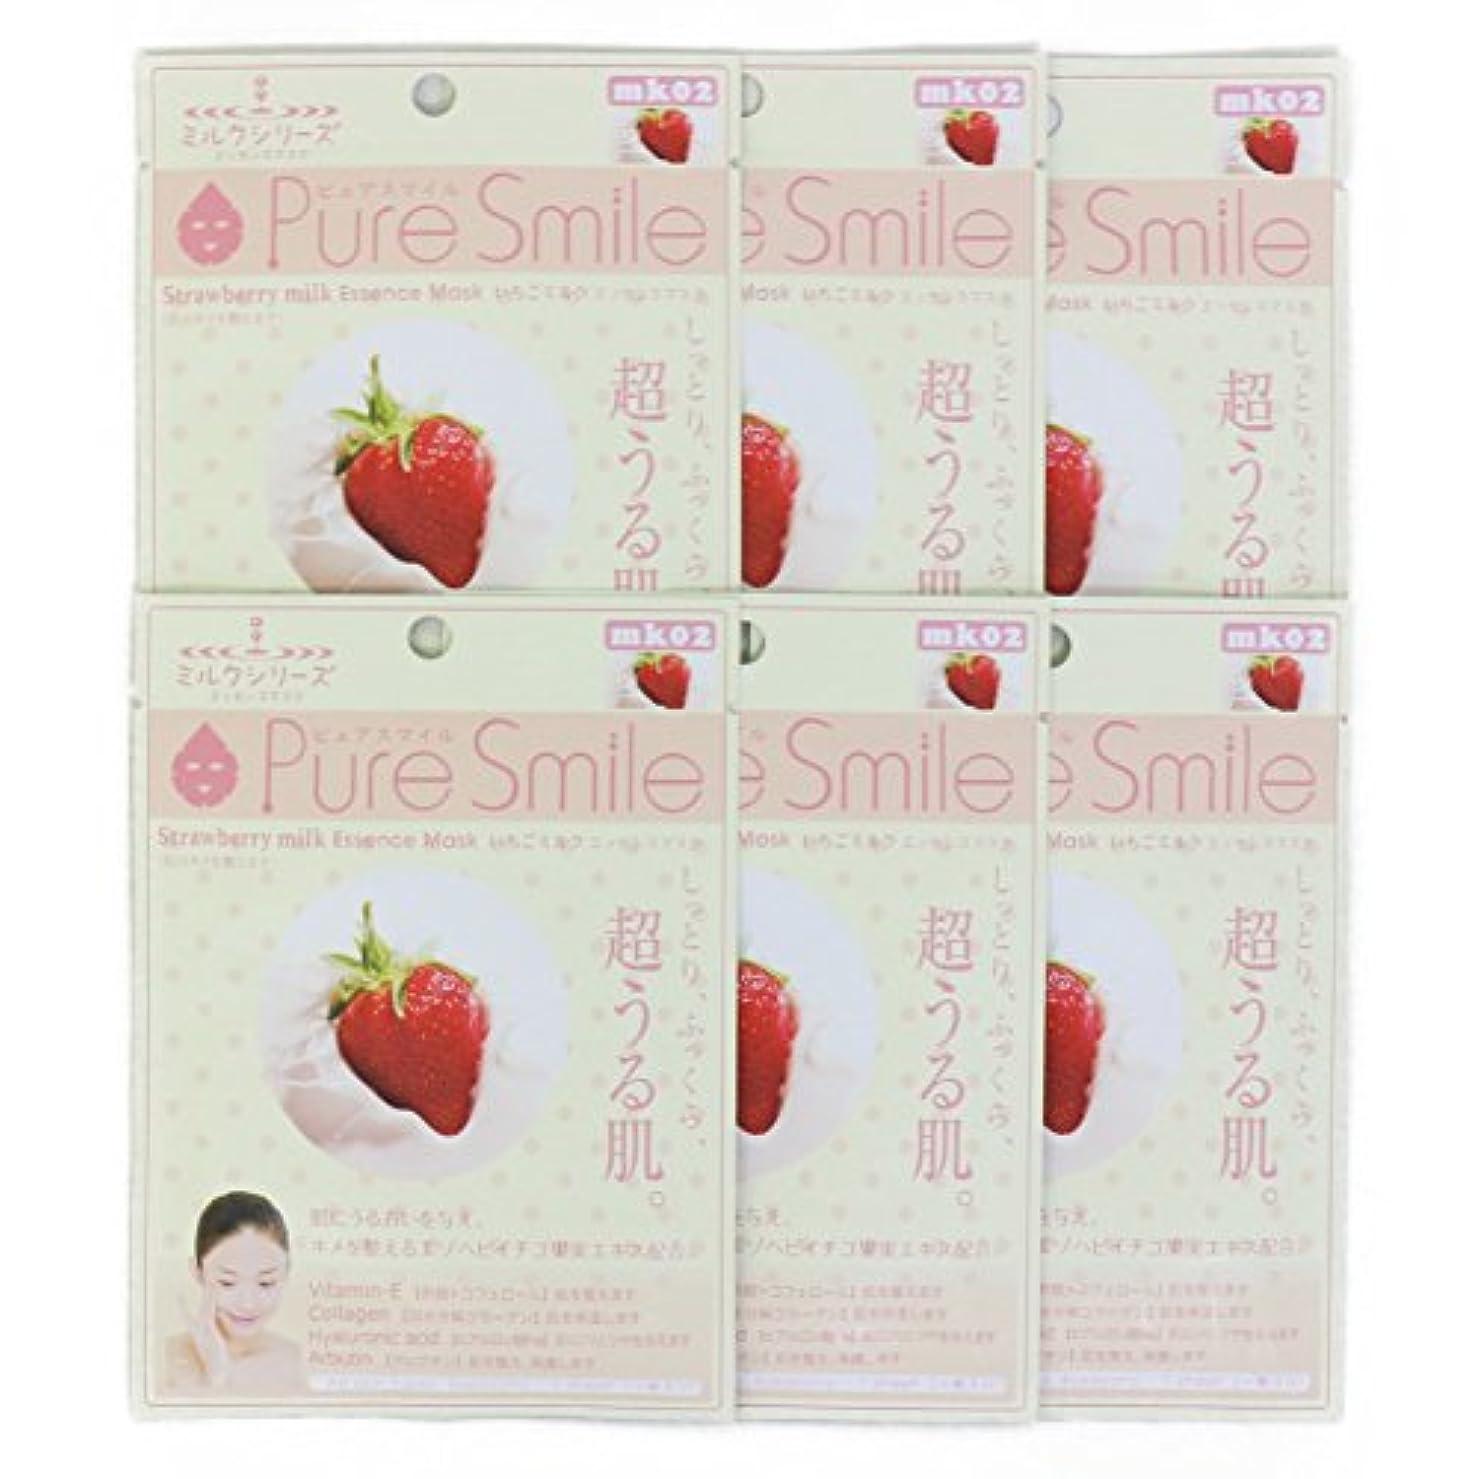 崇拝する言い聞かせる祖母Pure Smile ピュアスマイル ミルクエッセンスマスク イチゴミルク 6枚セット